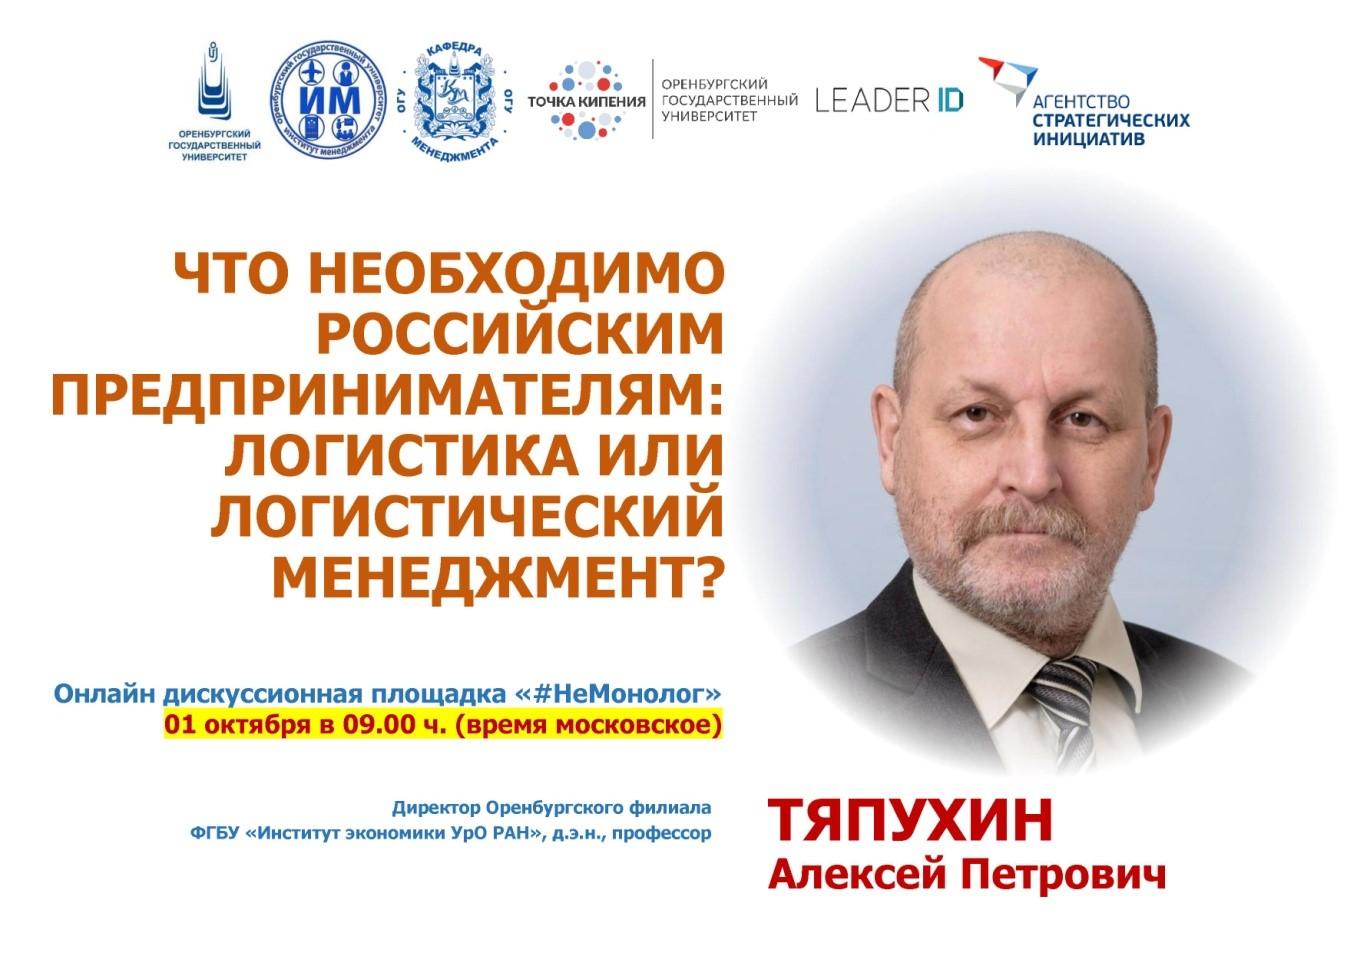 Оренбургский филиал Института экономики УрО РАН принял участие в работе онлайн дискуссионной площадки «#Не монолог»